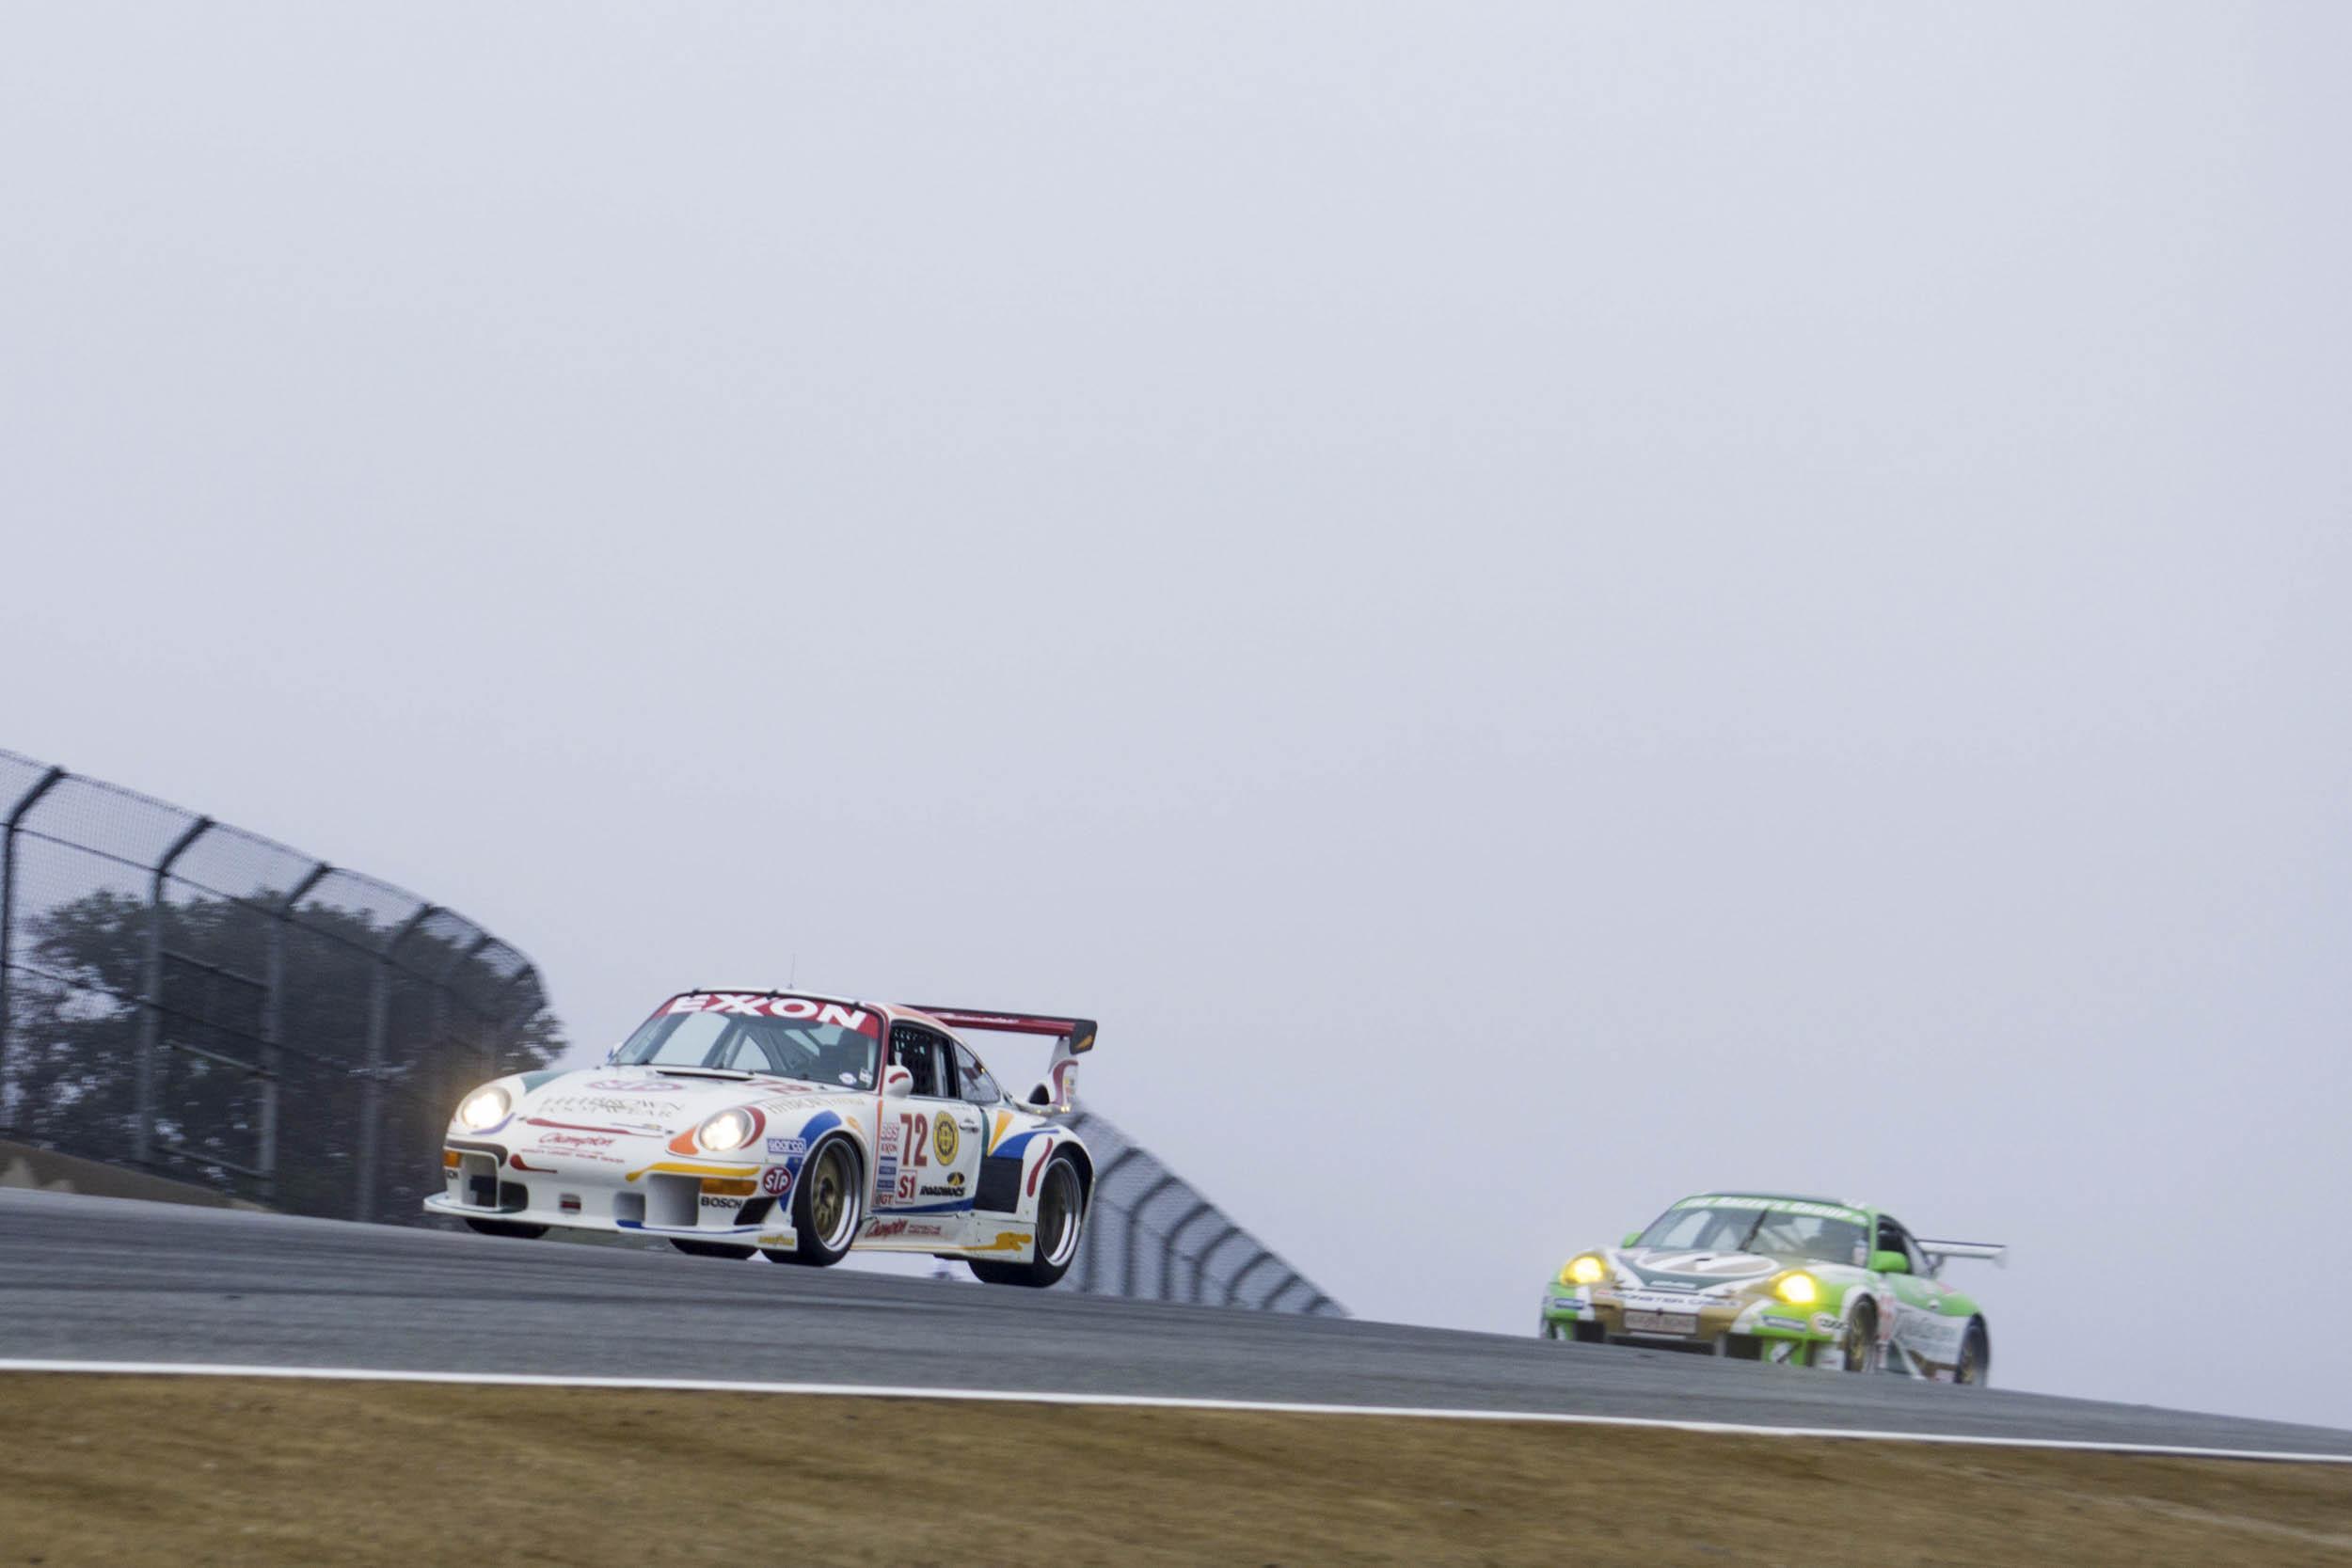 Alex Welch's 1991 Porsche 911